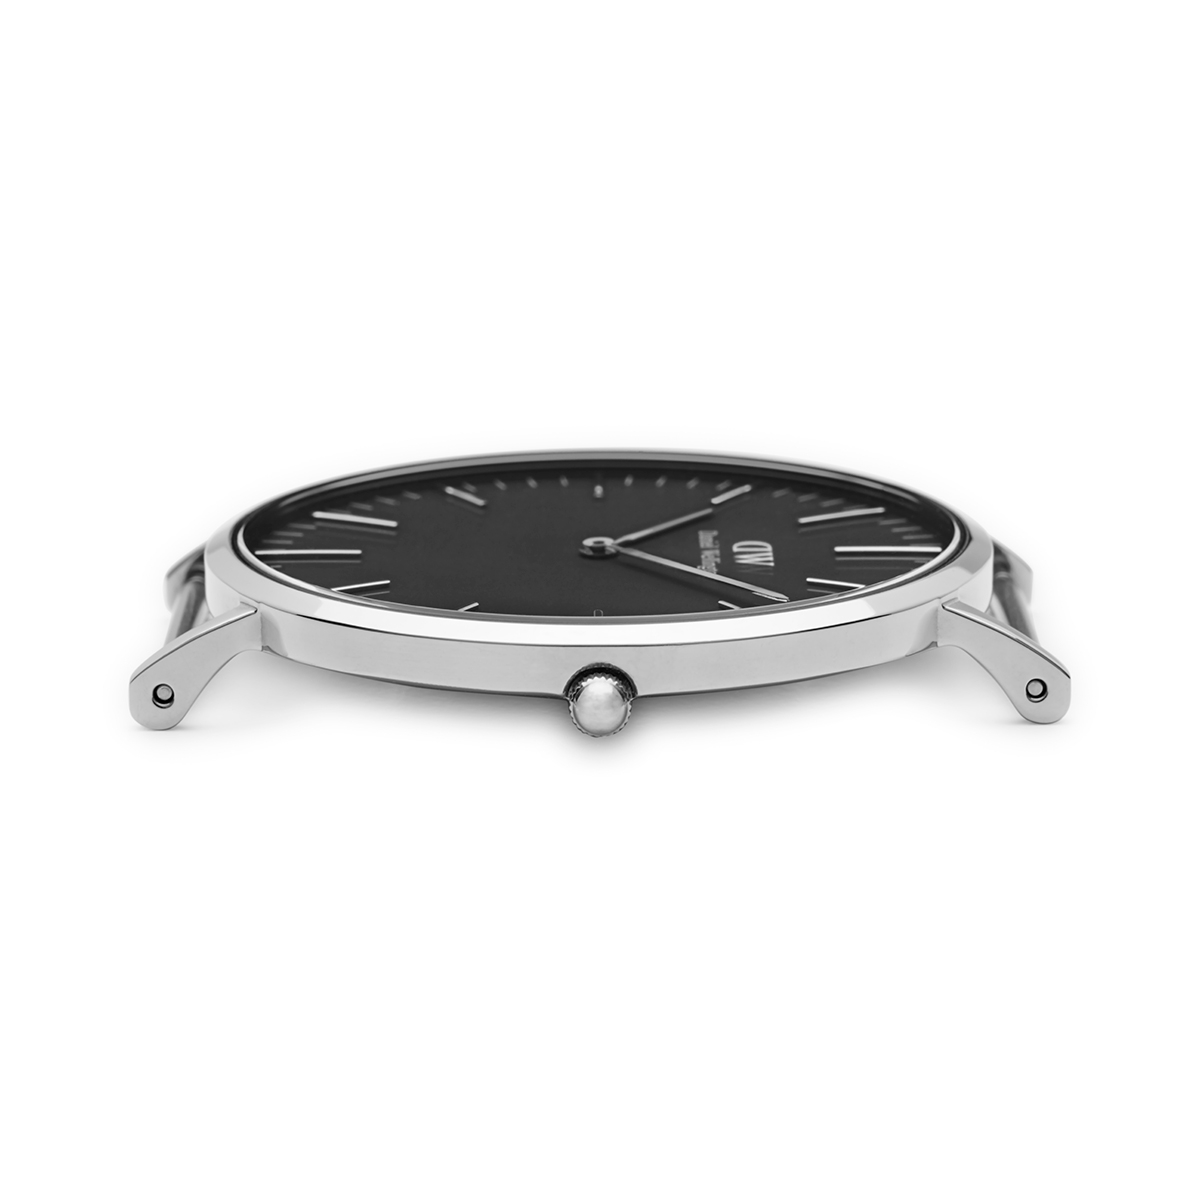 ダニエルウェリントン 36mm Daniel Wellington クラシックブラック レディン シルバー 腕時計